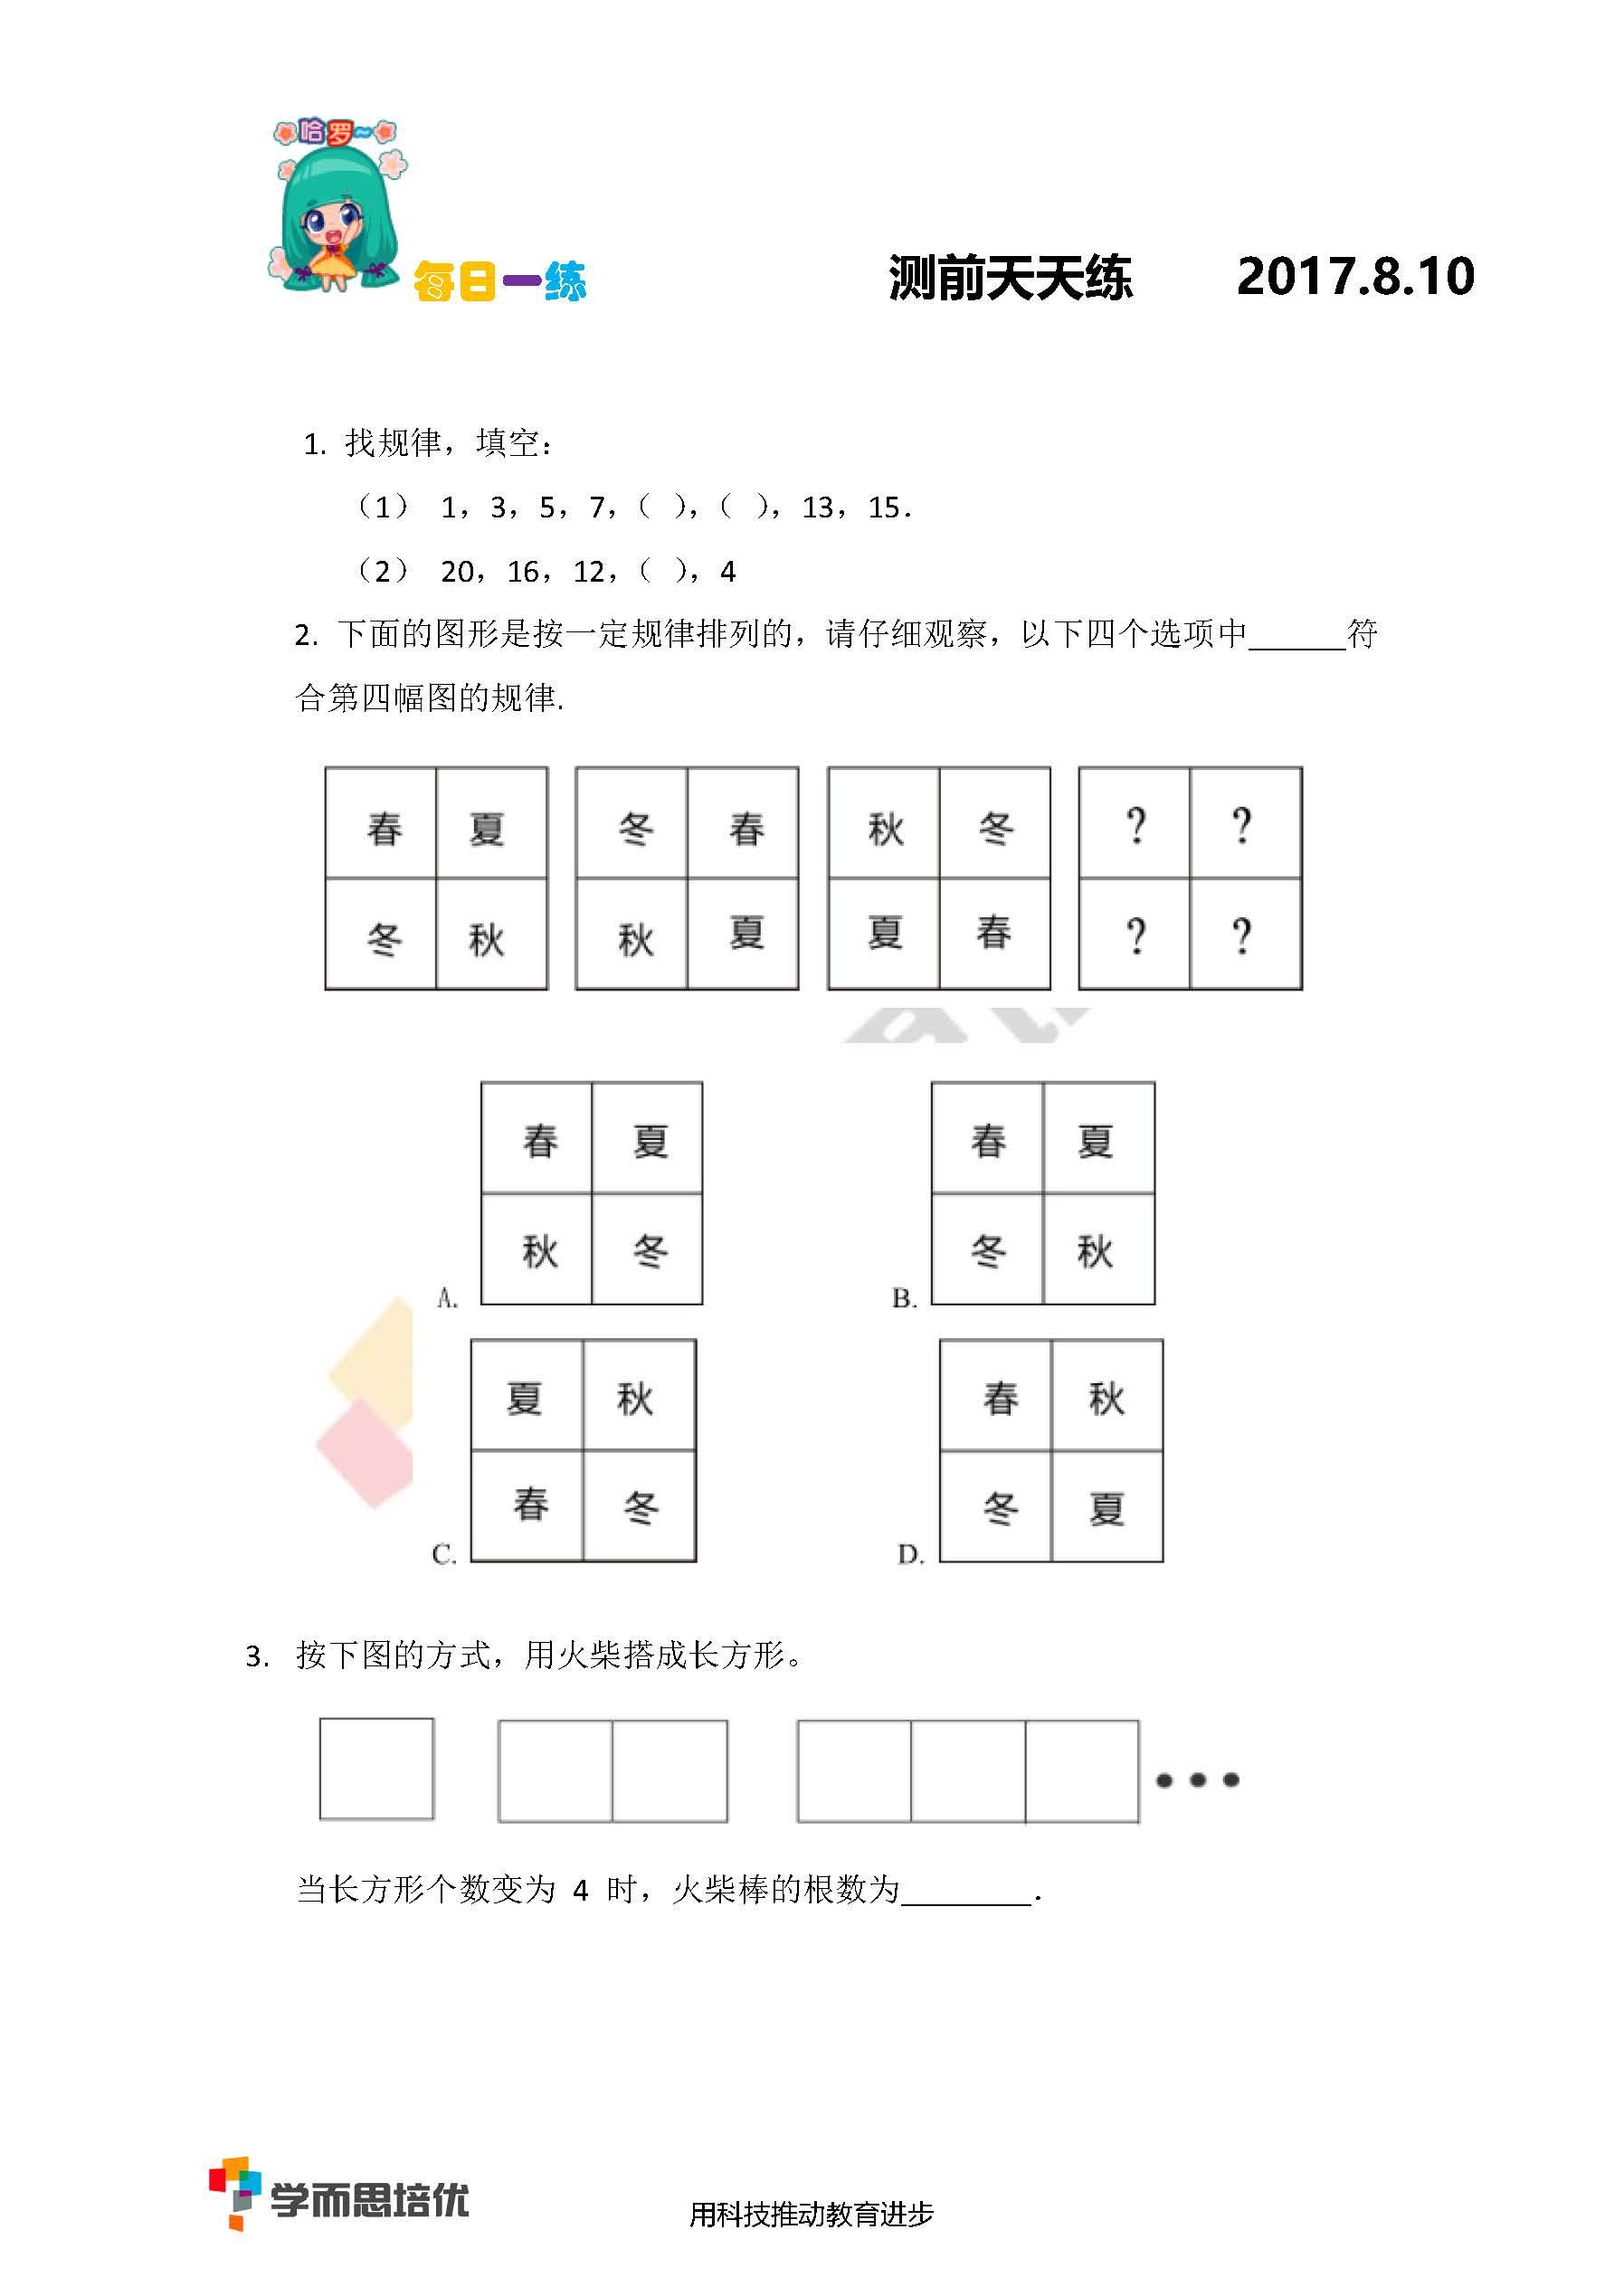 8.10练习题.jpg